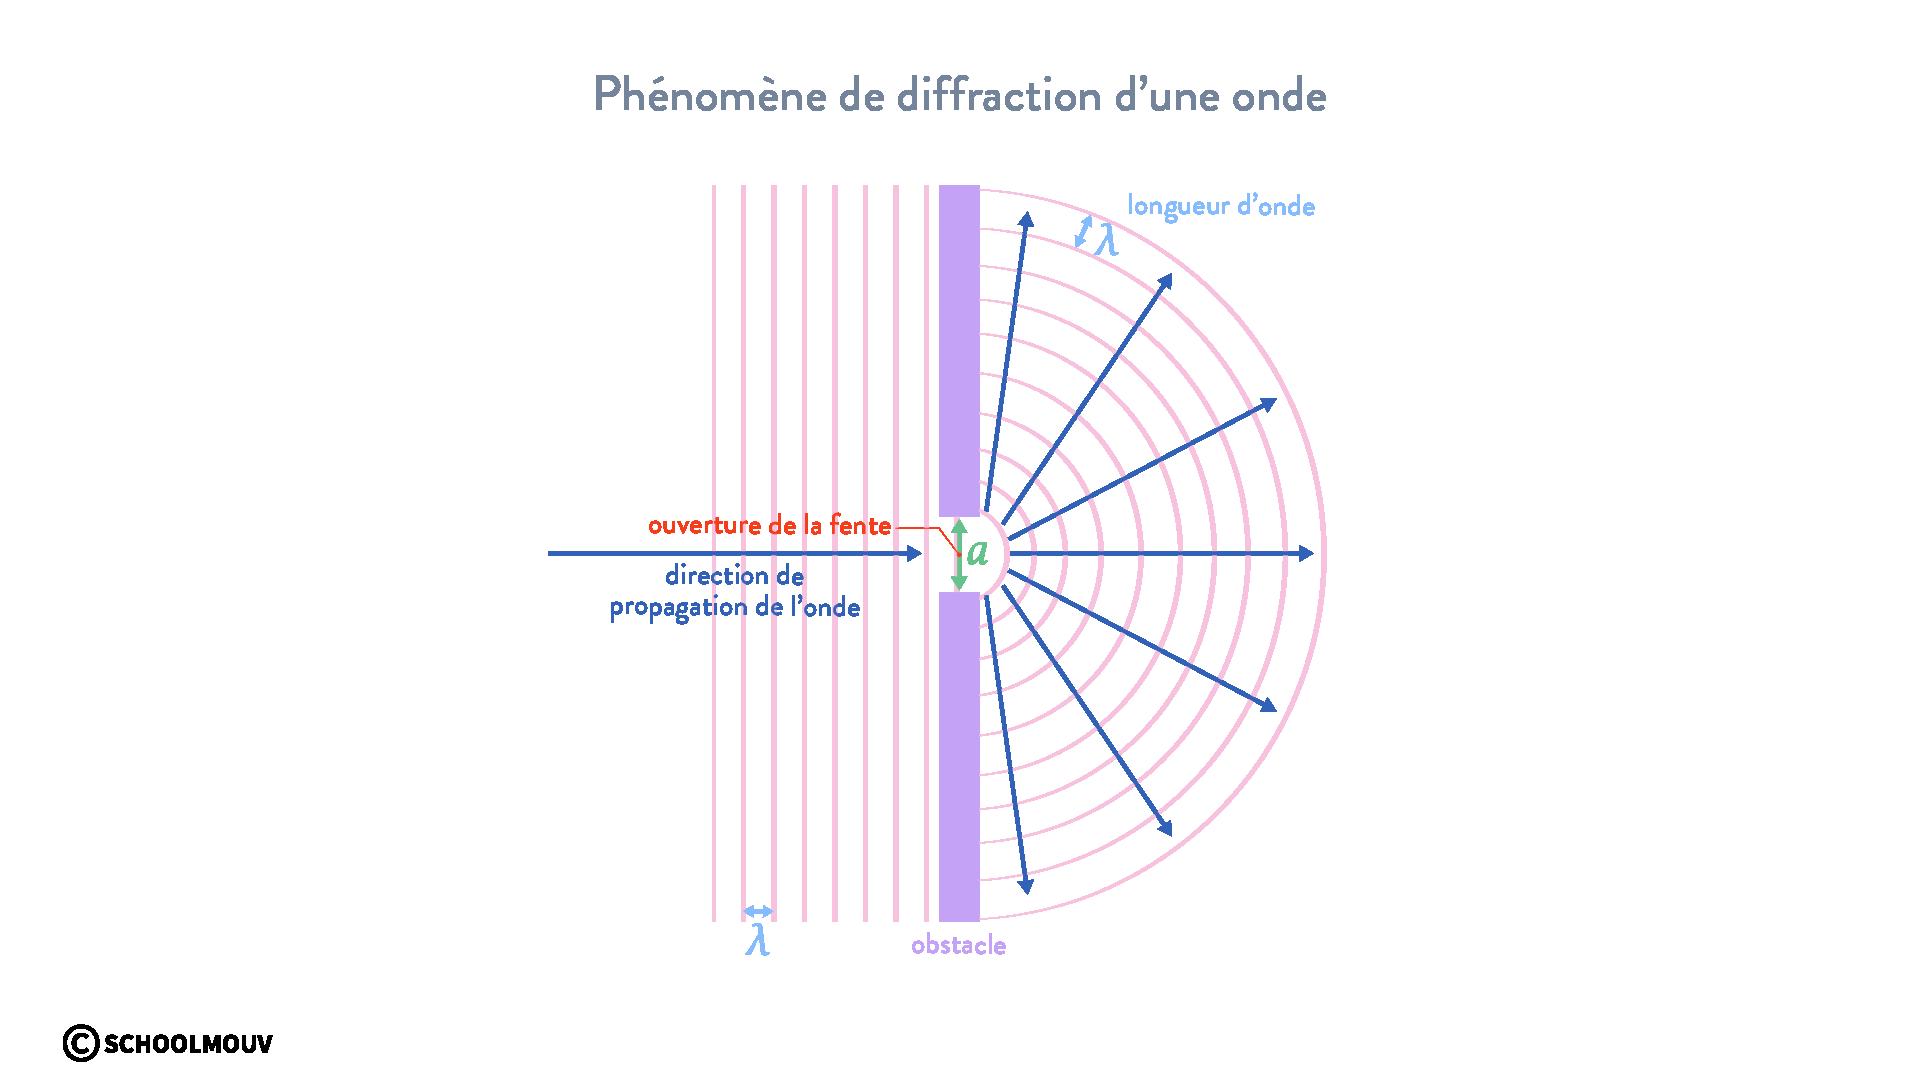 diffraction d'une onde physique chimie terminal schoolmouv diffraction d'une onde